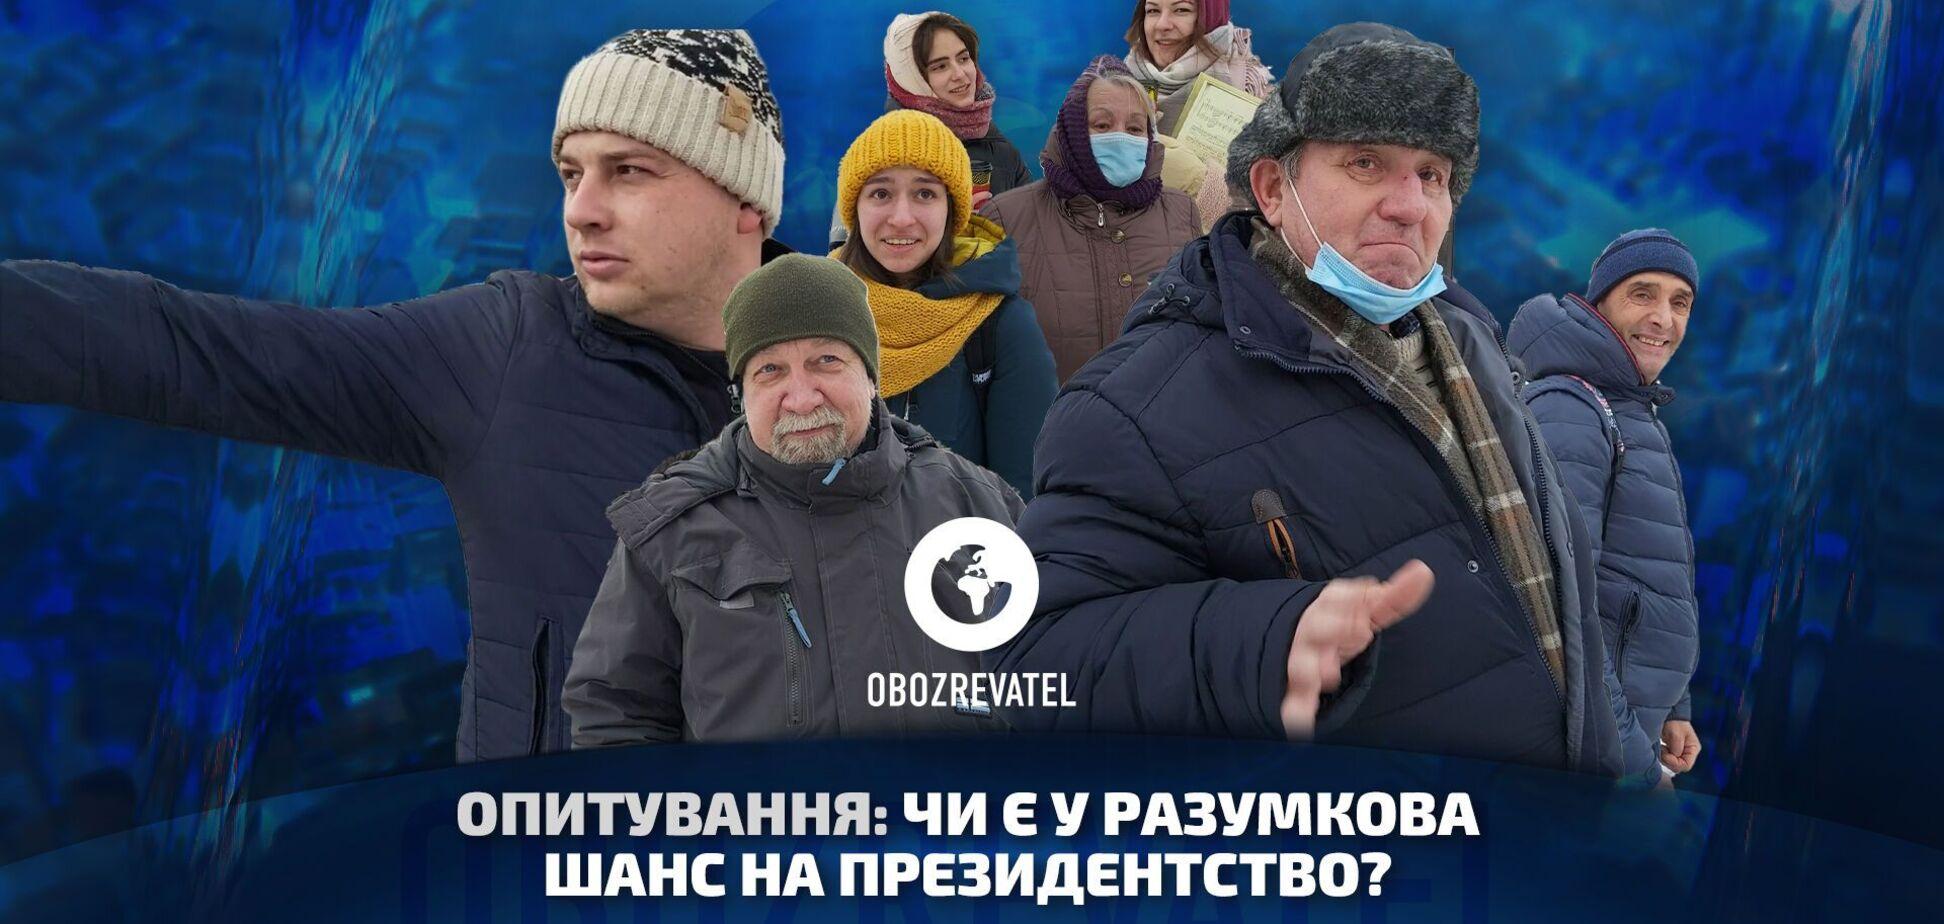 Опрос: есть ли у Разумкова шанс на президентство?